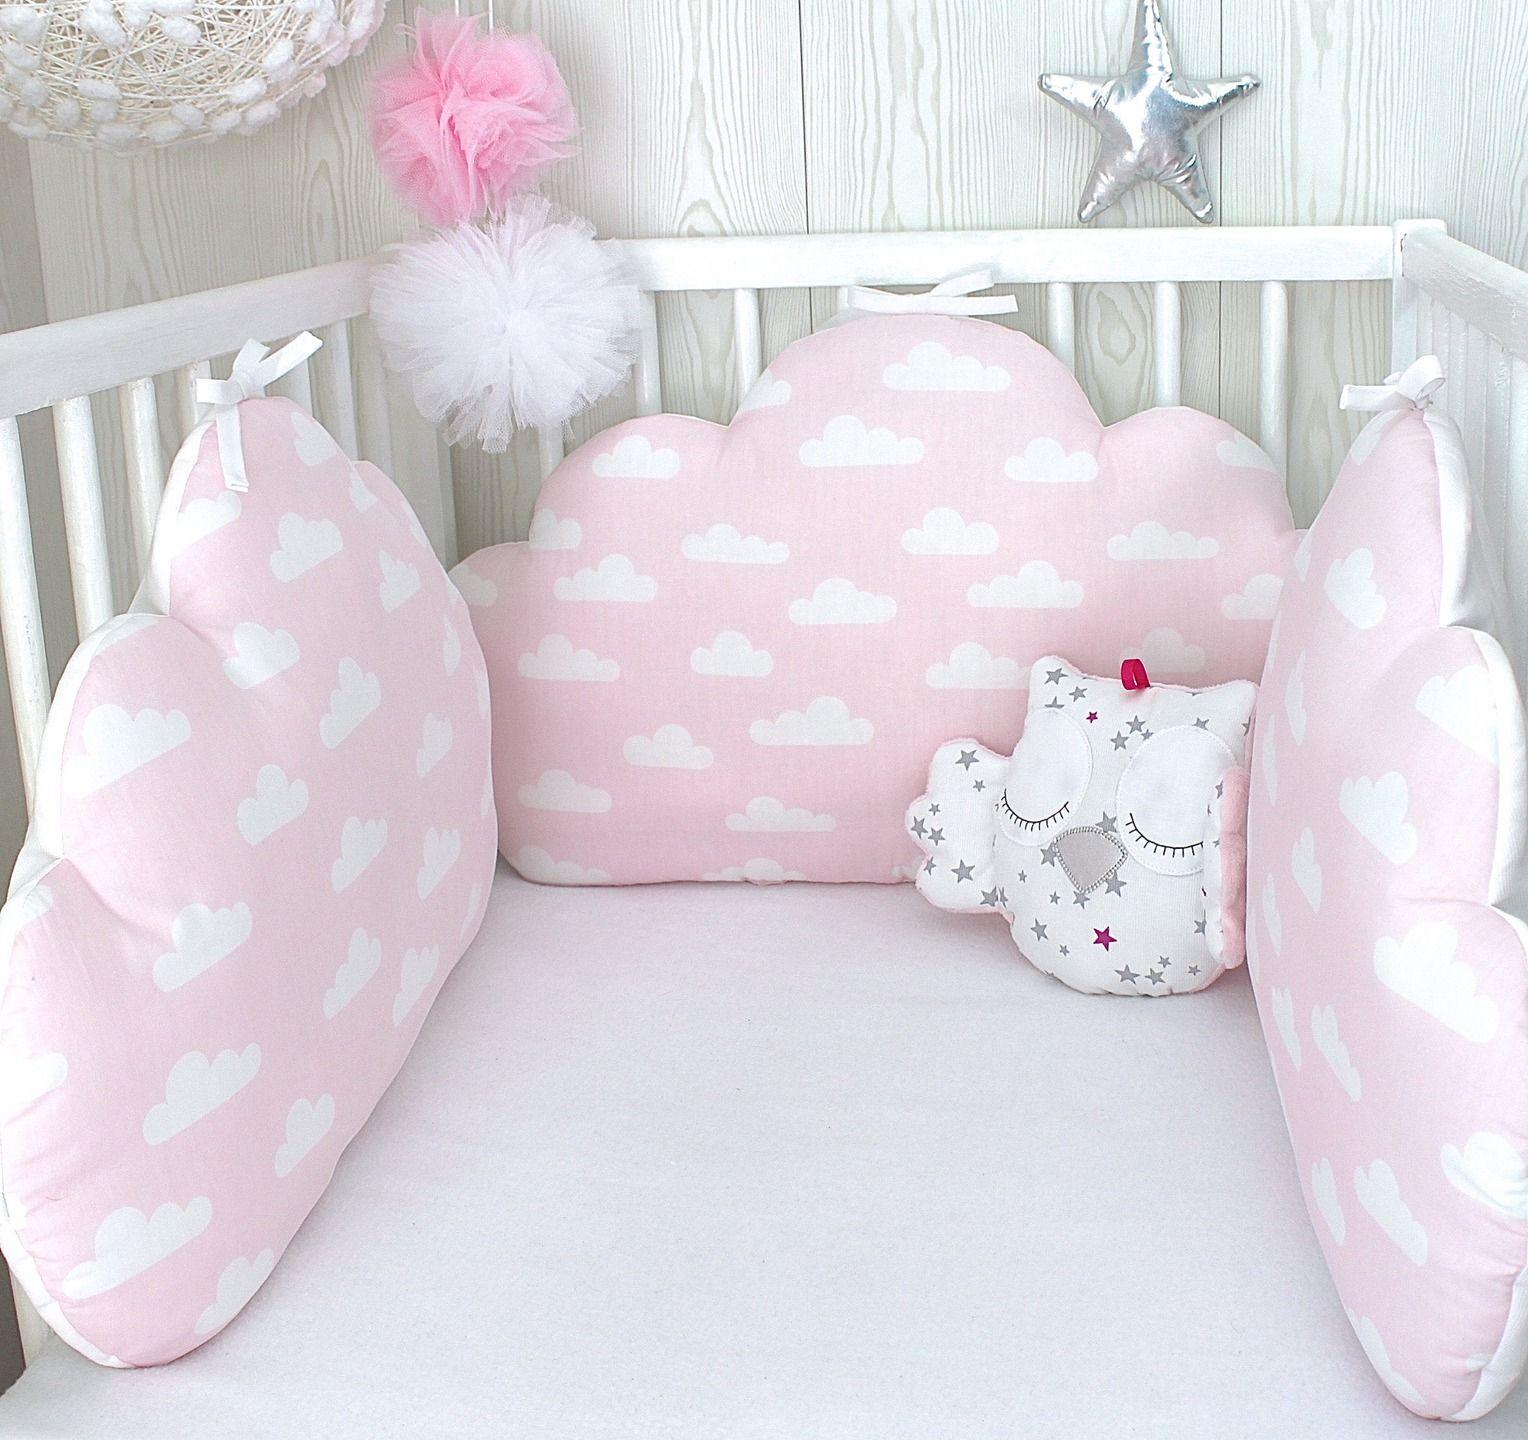 tour de lit b b en 60cm large nuages 3 grands coussins roses nuages blancs bebe. Black Bedroom Furniture Sets. Home Design Ideas